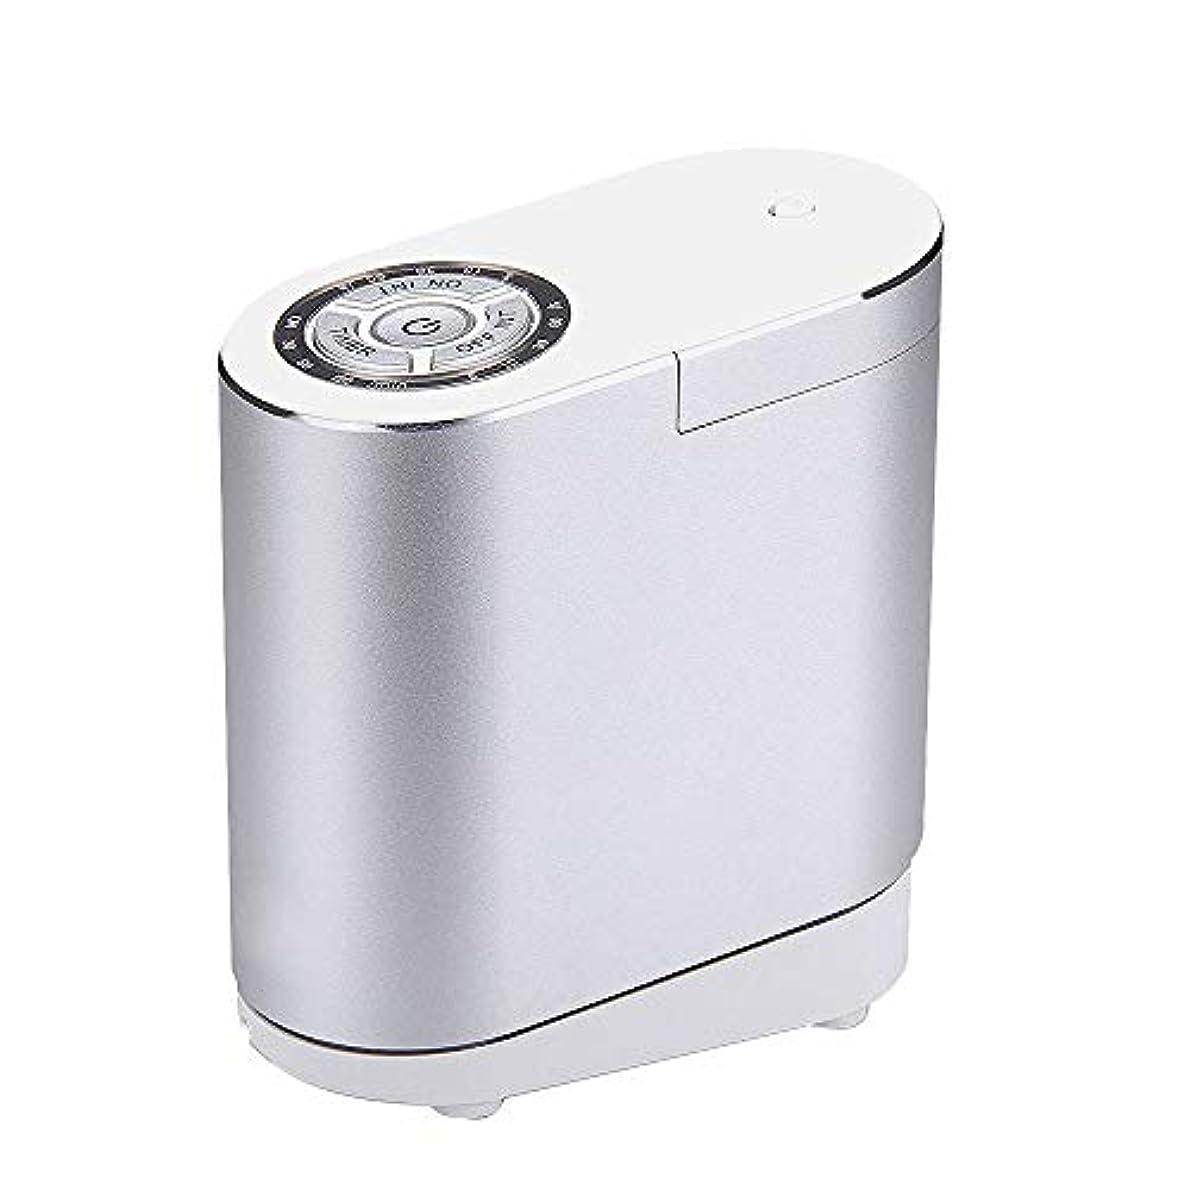 宿命インターネット蛾精油の拡散器、総本店の寝室部屋のための携帯用超音波拡散器の涼しい霧の加湿器,silver30ML